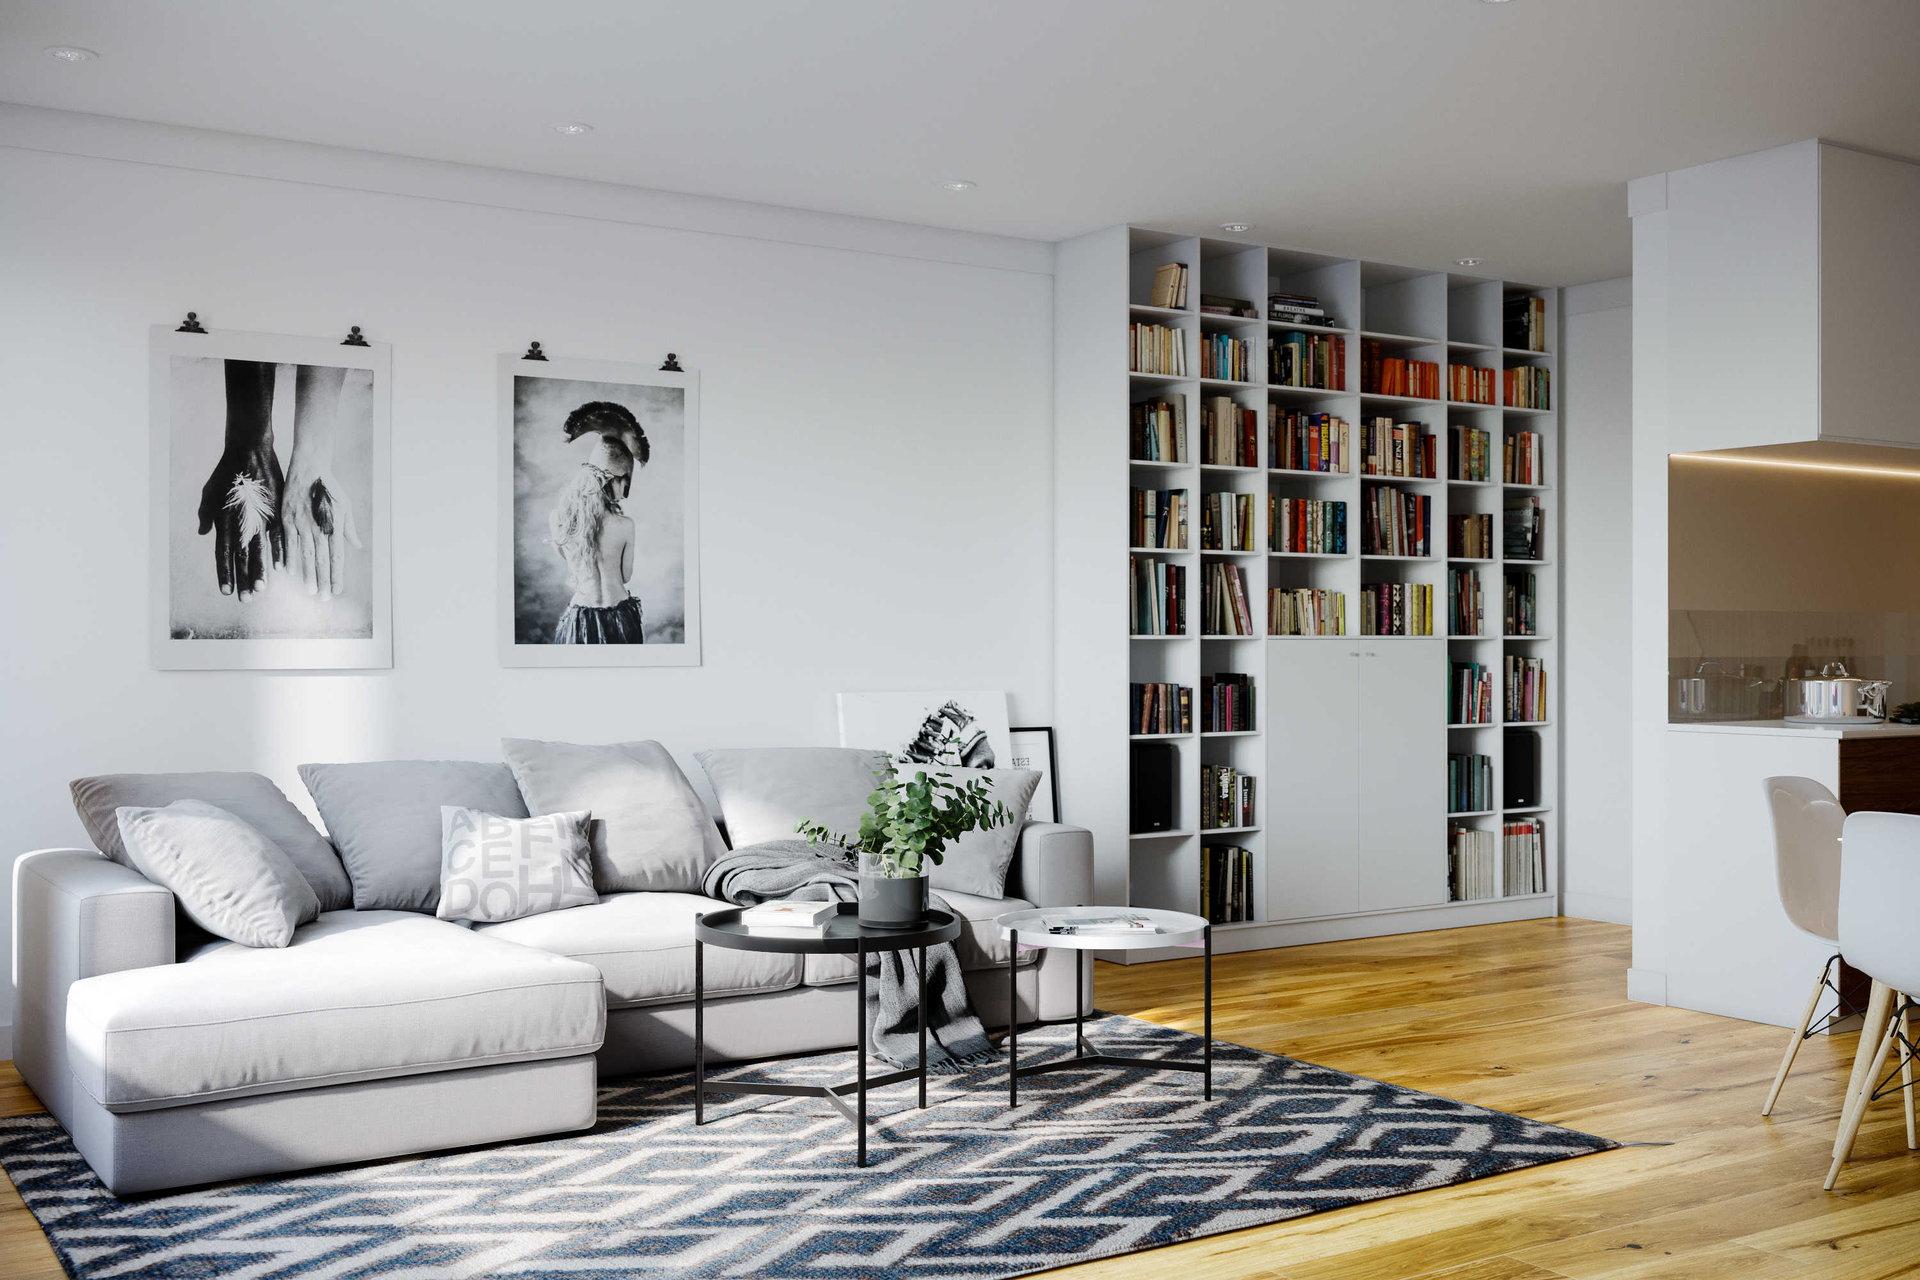 Nová Úpická interiér